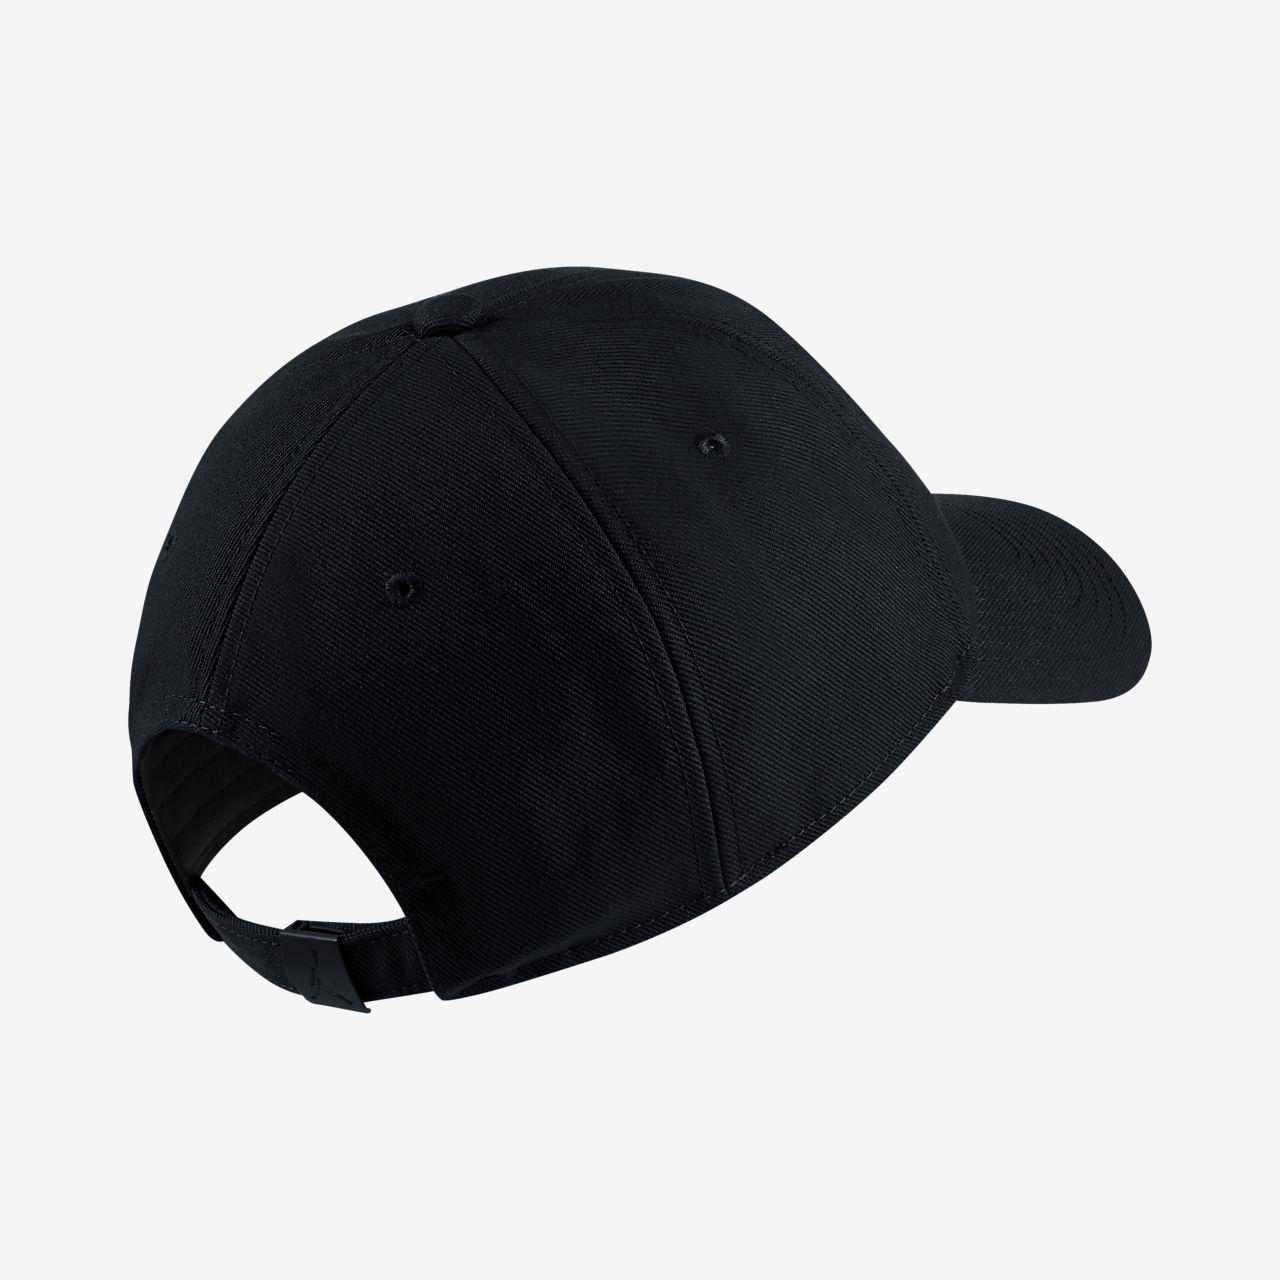 1cfd517063c Low Resolution Jordan Jumpman H86 Adjustable Hat Jordan Jumpman H86  Adjustable Hat